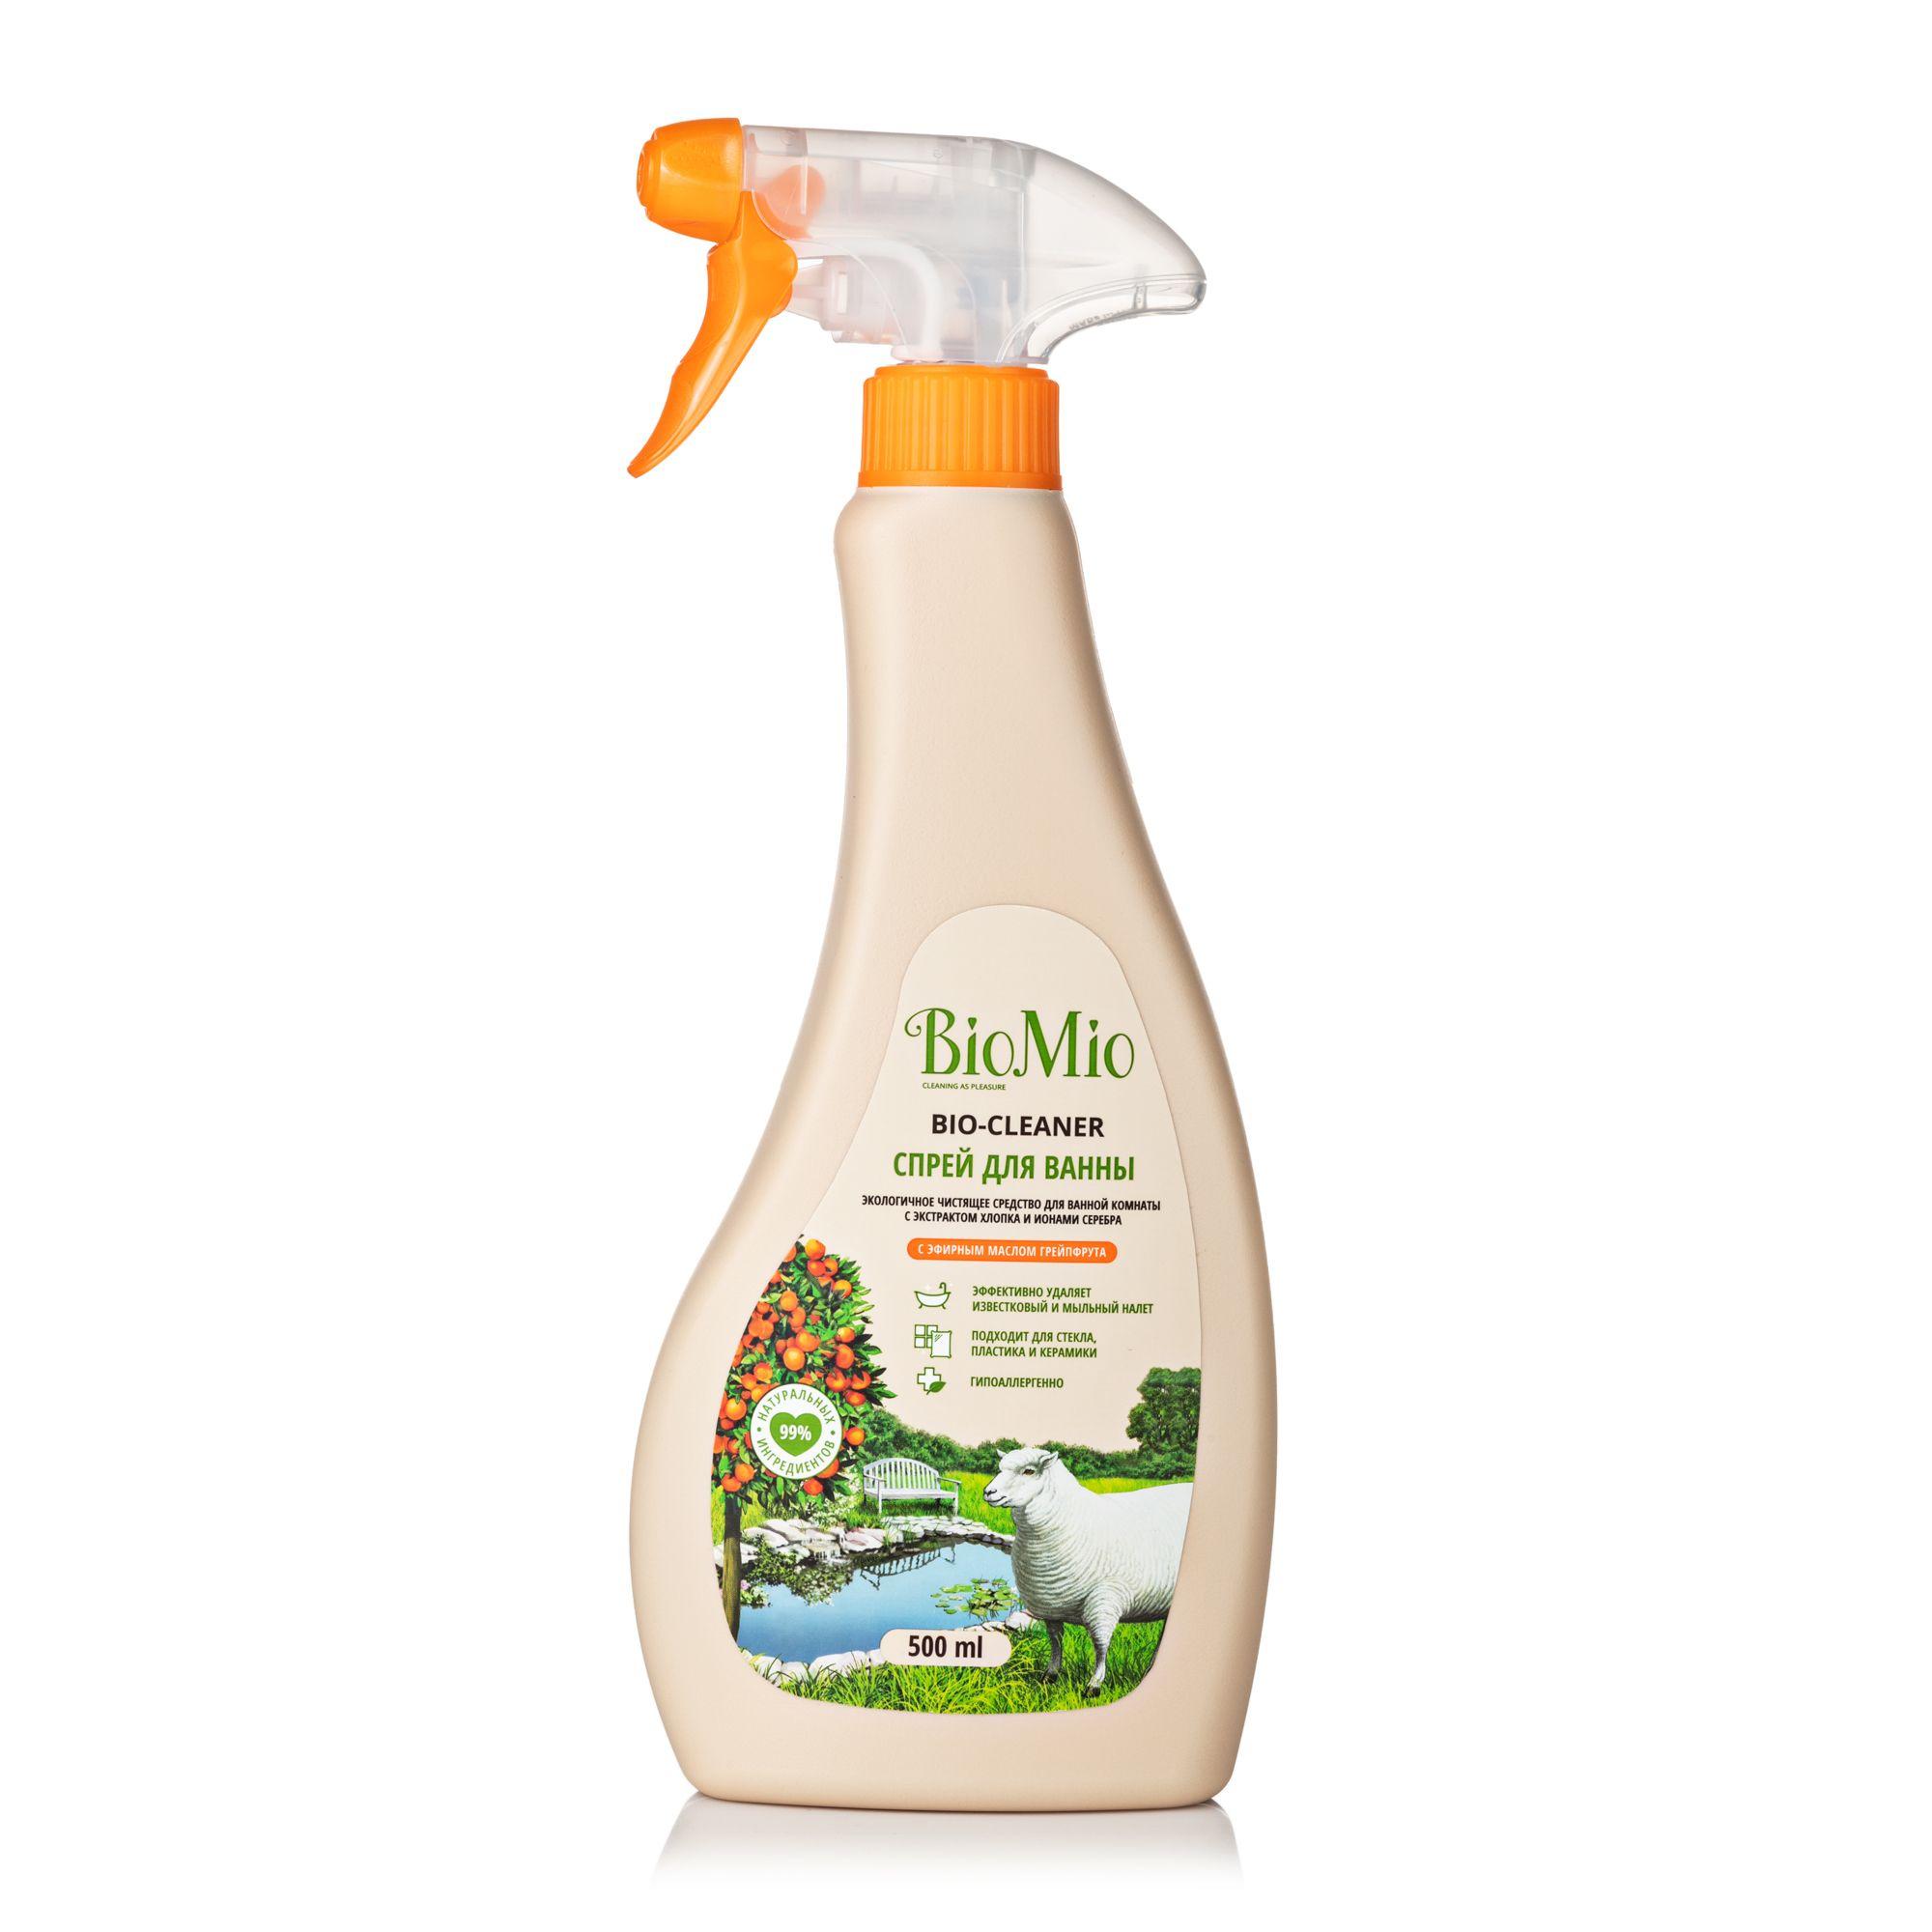 E:\ETXT\Чистящее средство для ванны\Эмалированные\5.jpg